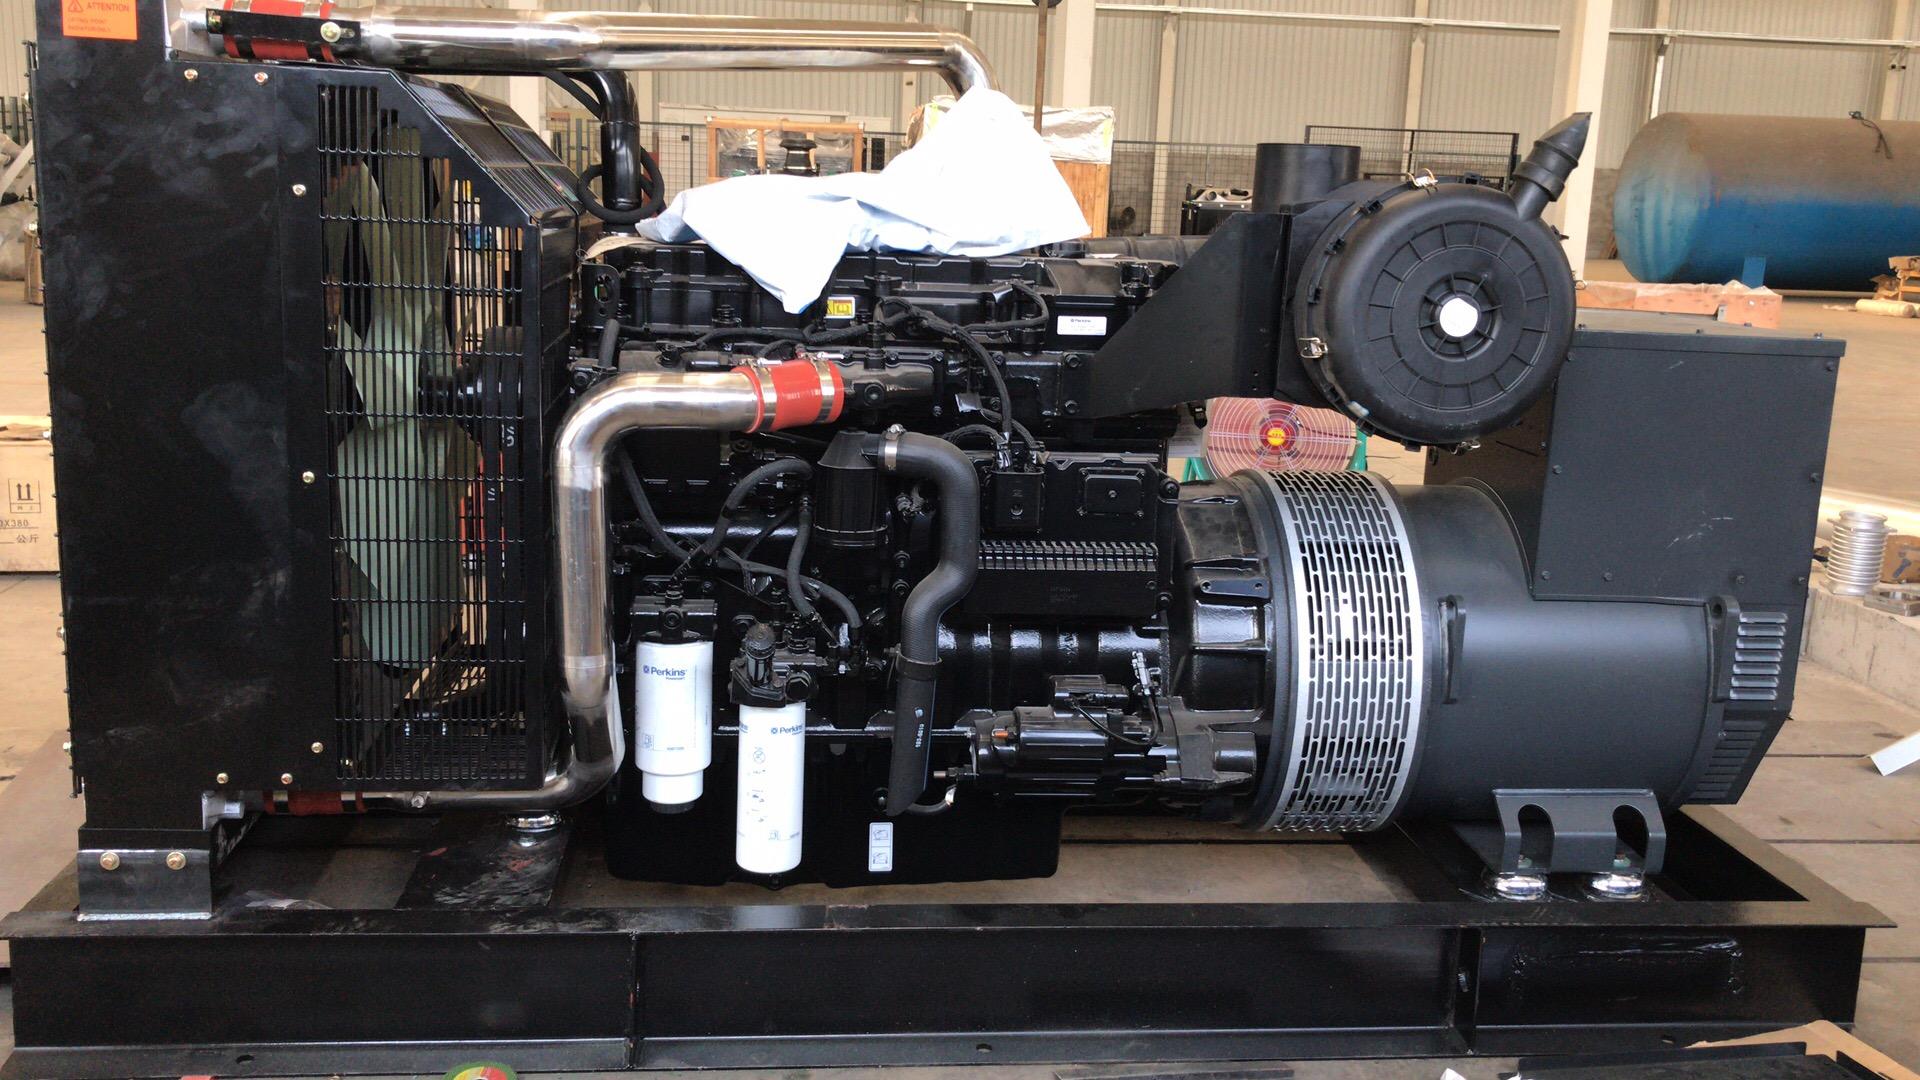 高配组合;帕金斯发动机+美奥迪发电机,待装车发货